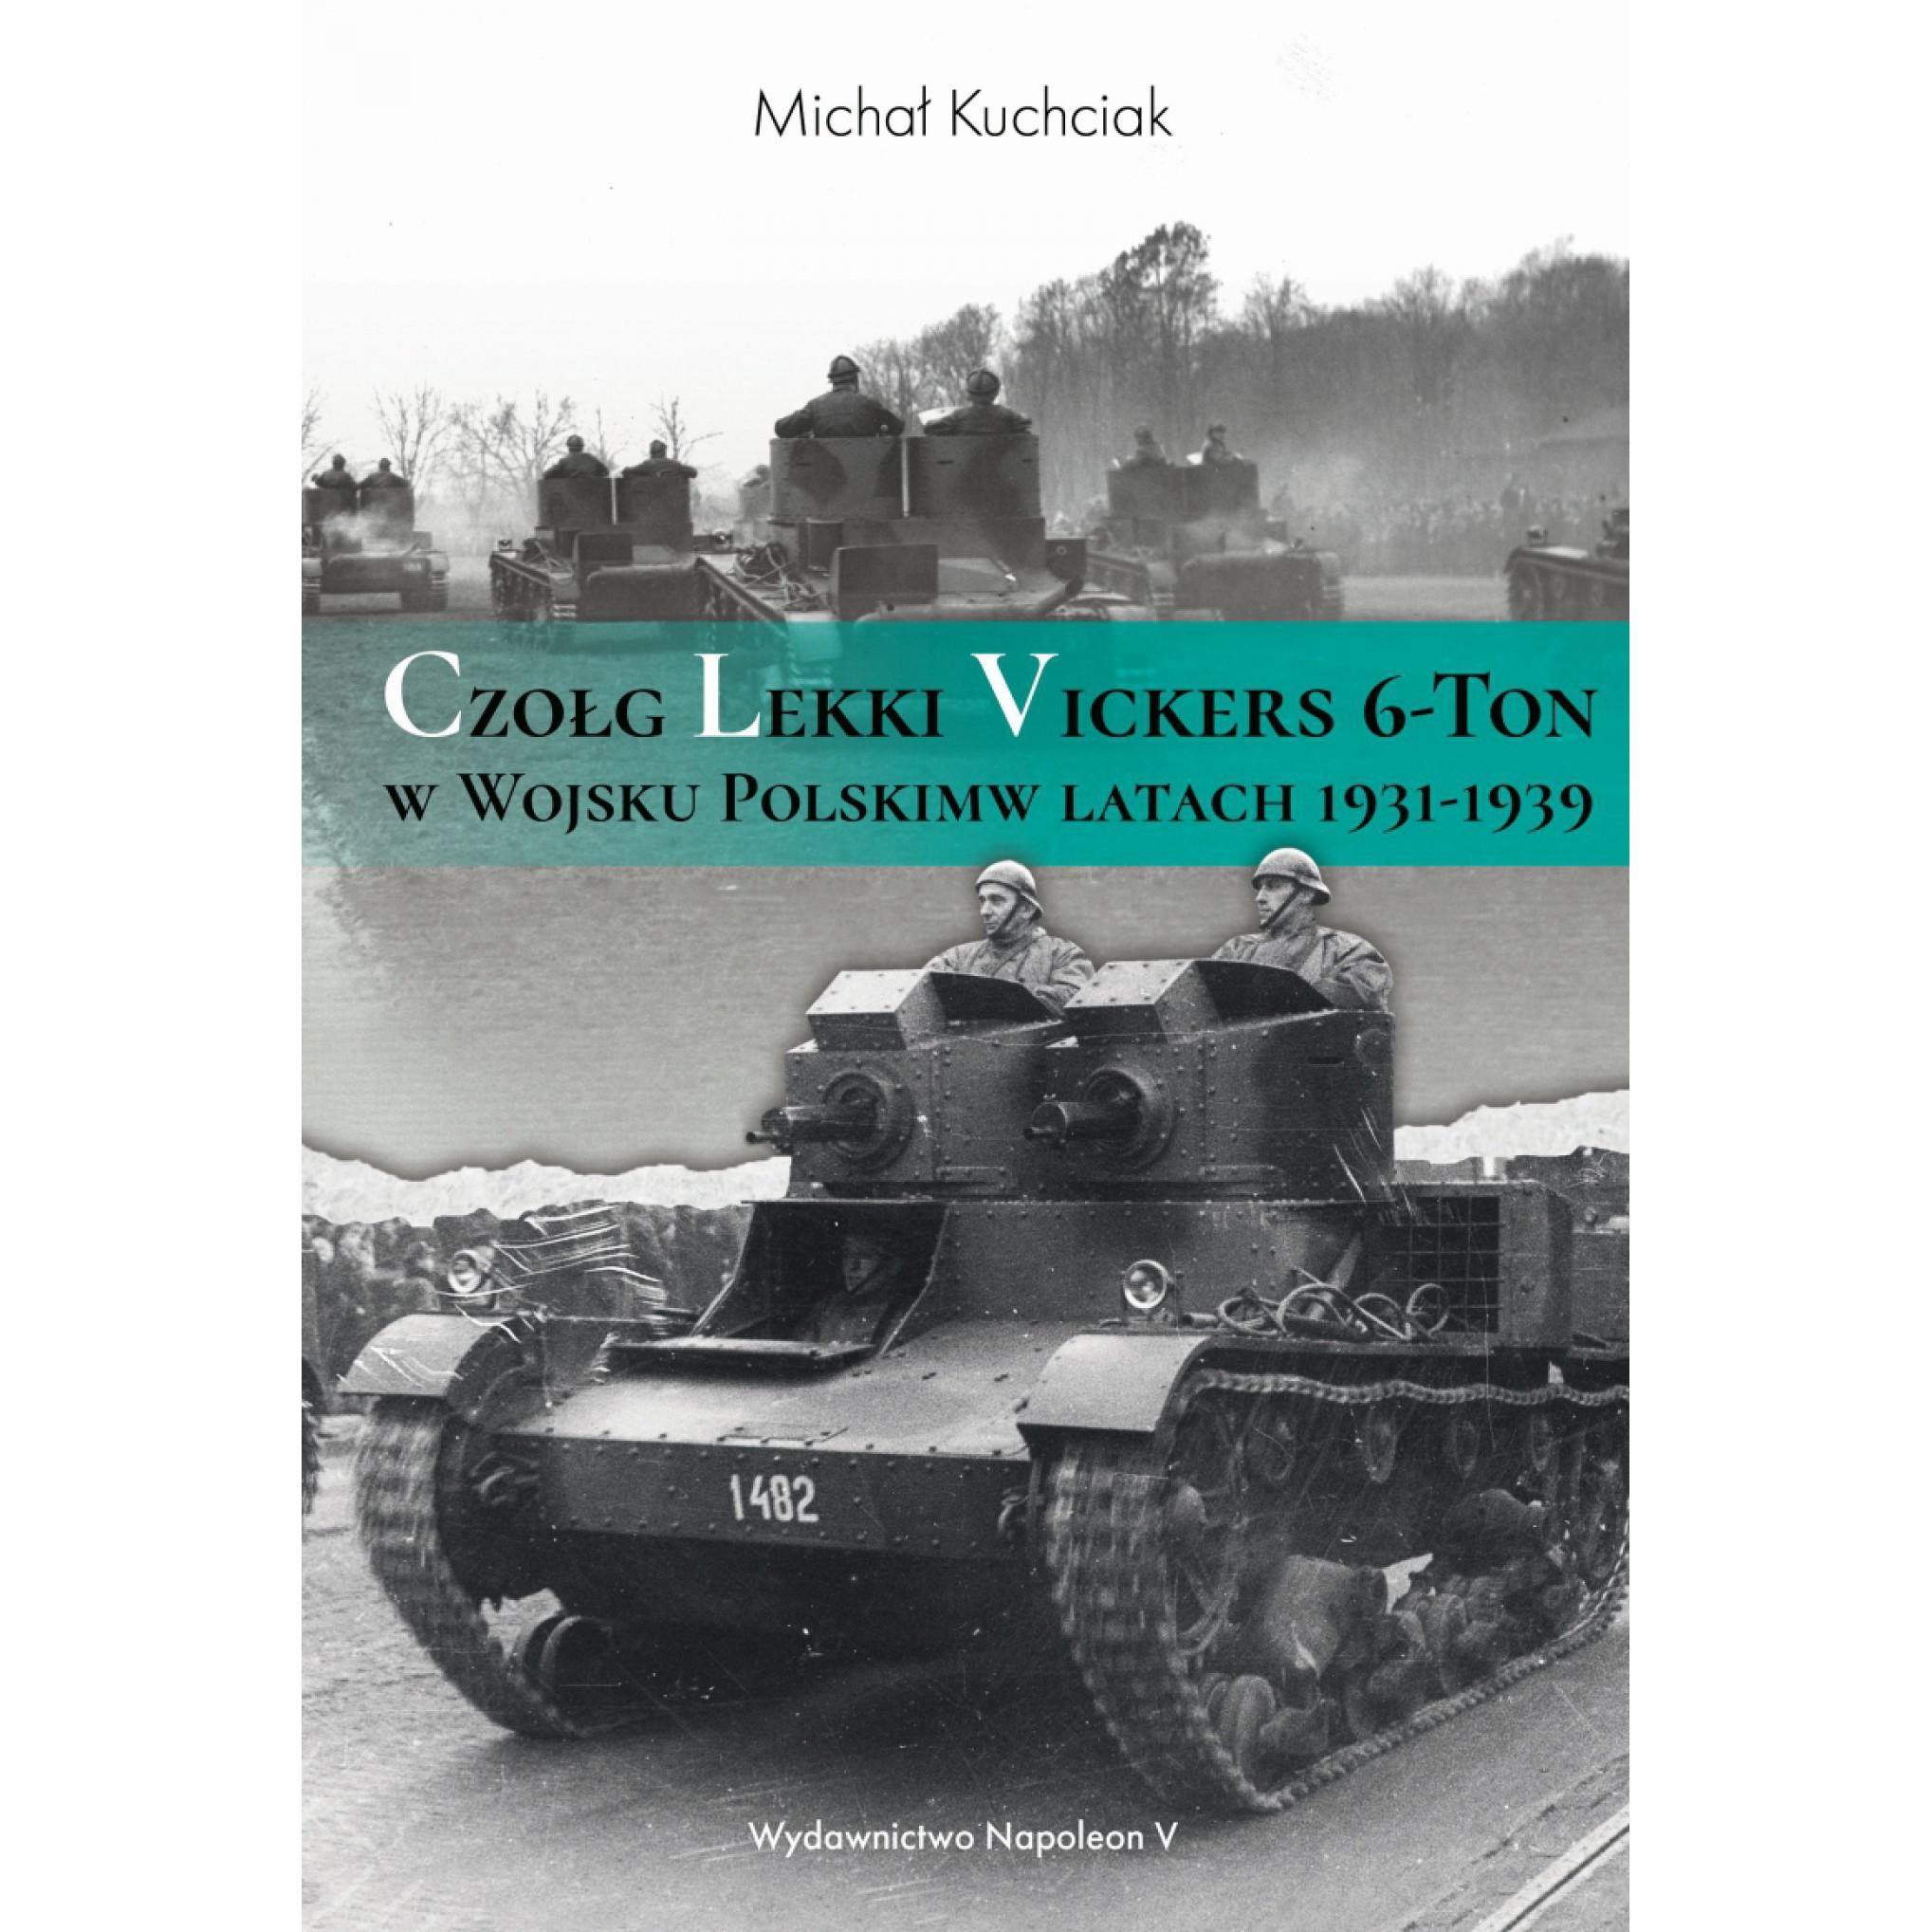 Czołg lekki Vickers 6-Ton w Wojsku Polskim w latach 1931-1939 - Outlet